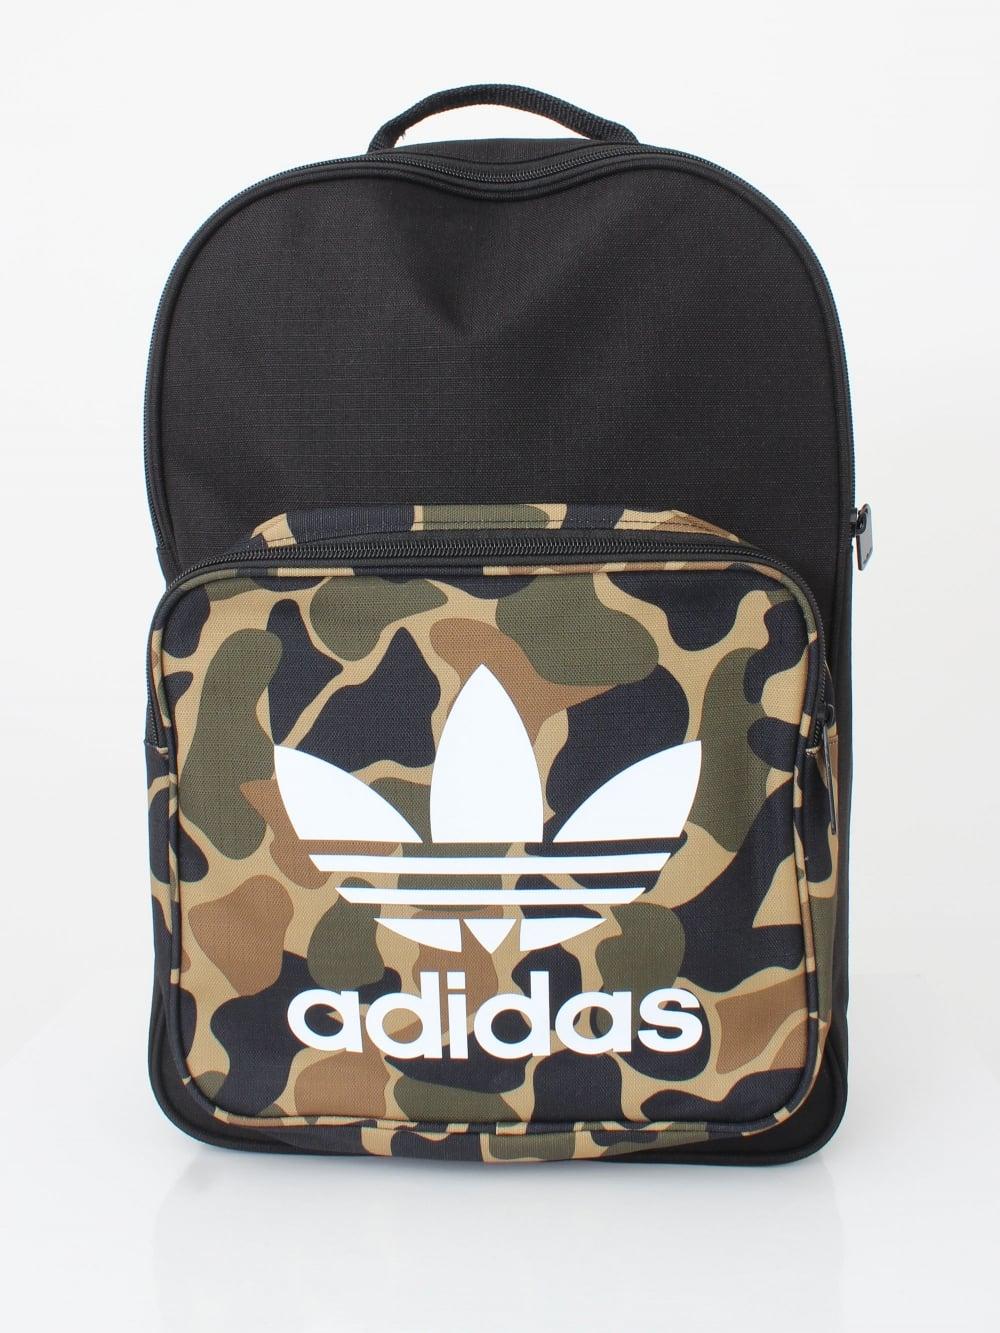 472efe0e2300 adidas Originals Classic Camo Backpack in Mulit